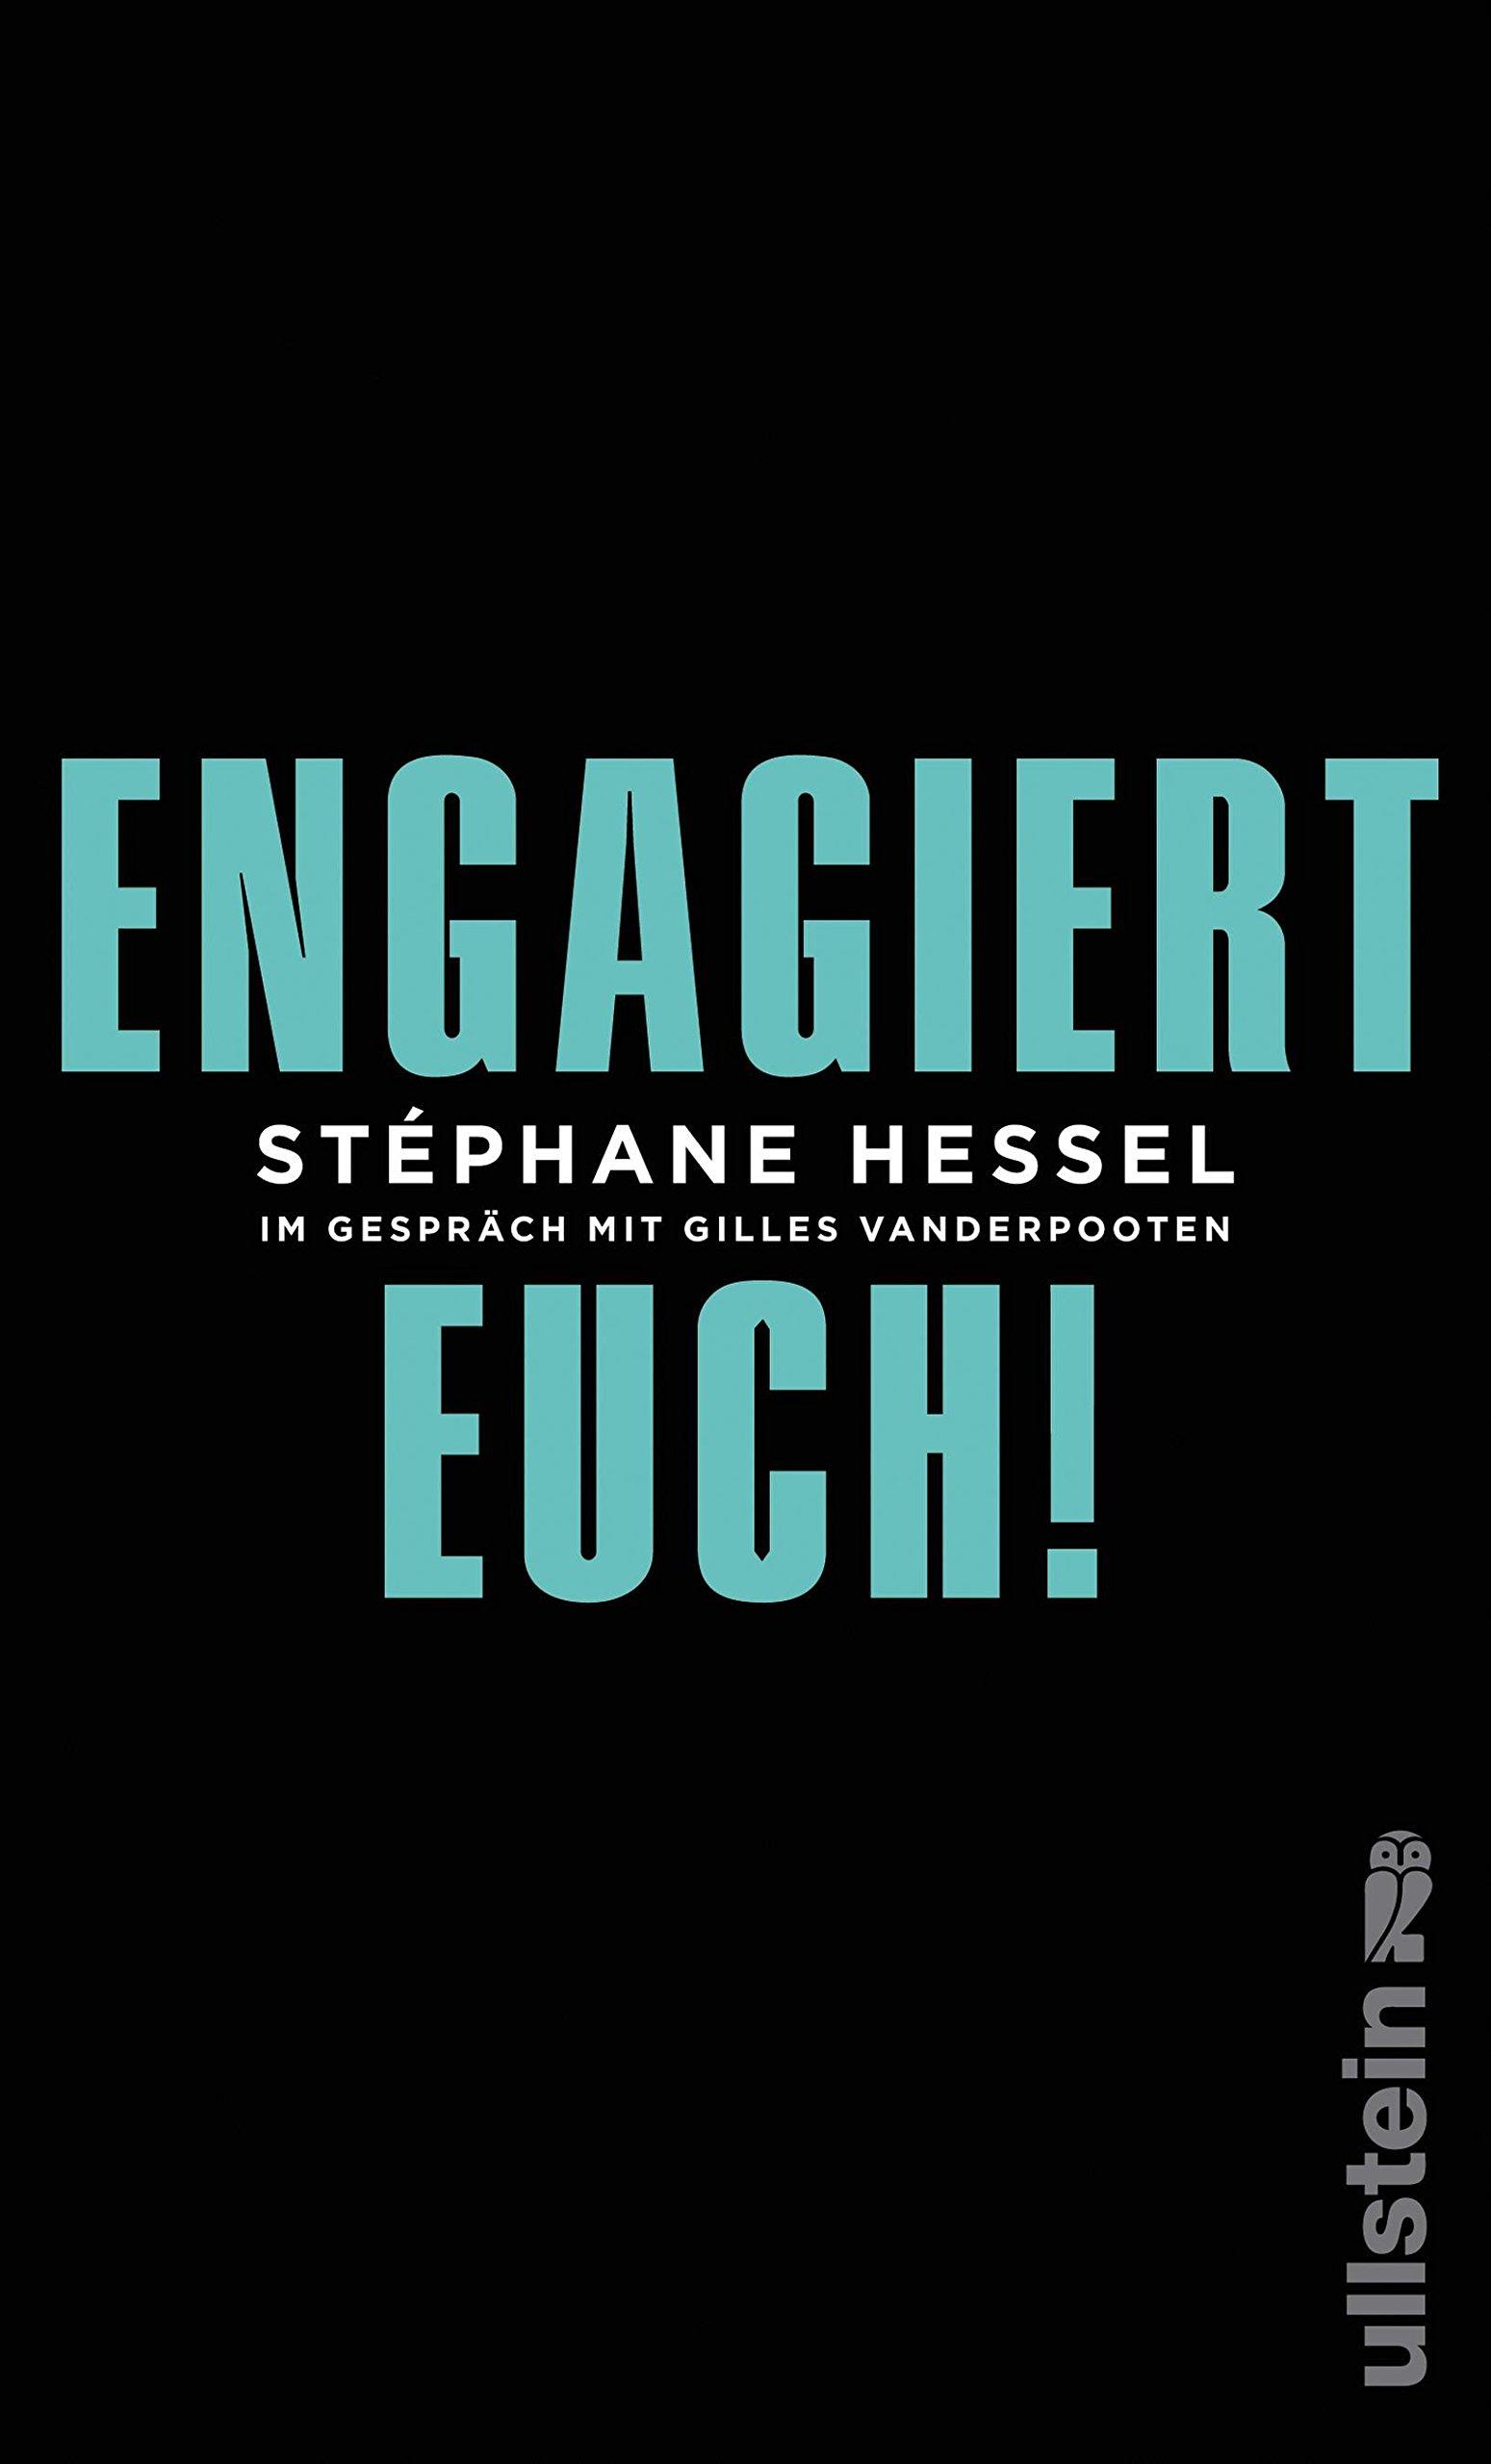 Engagiert Euch!: Im Gespräch mit Gilles Vanderpooten Taschenbuch – 15. Juli 2011 Stéphane Hessel Michael Kogon Ullstein Hardcover 355008885X